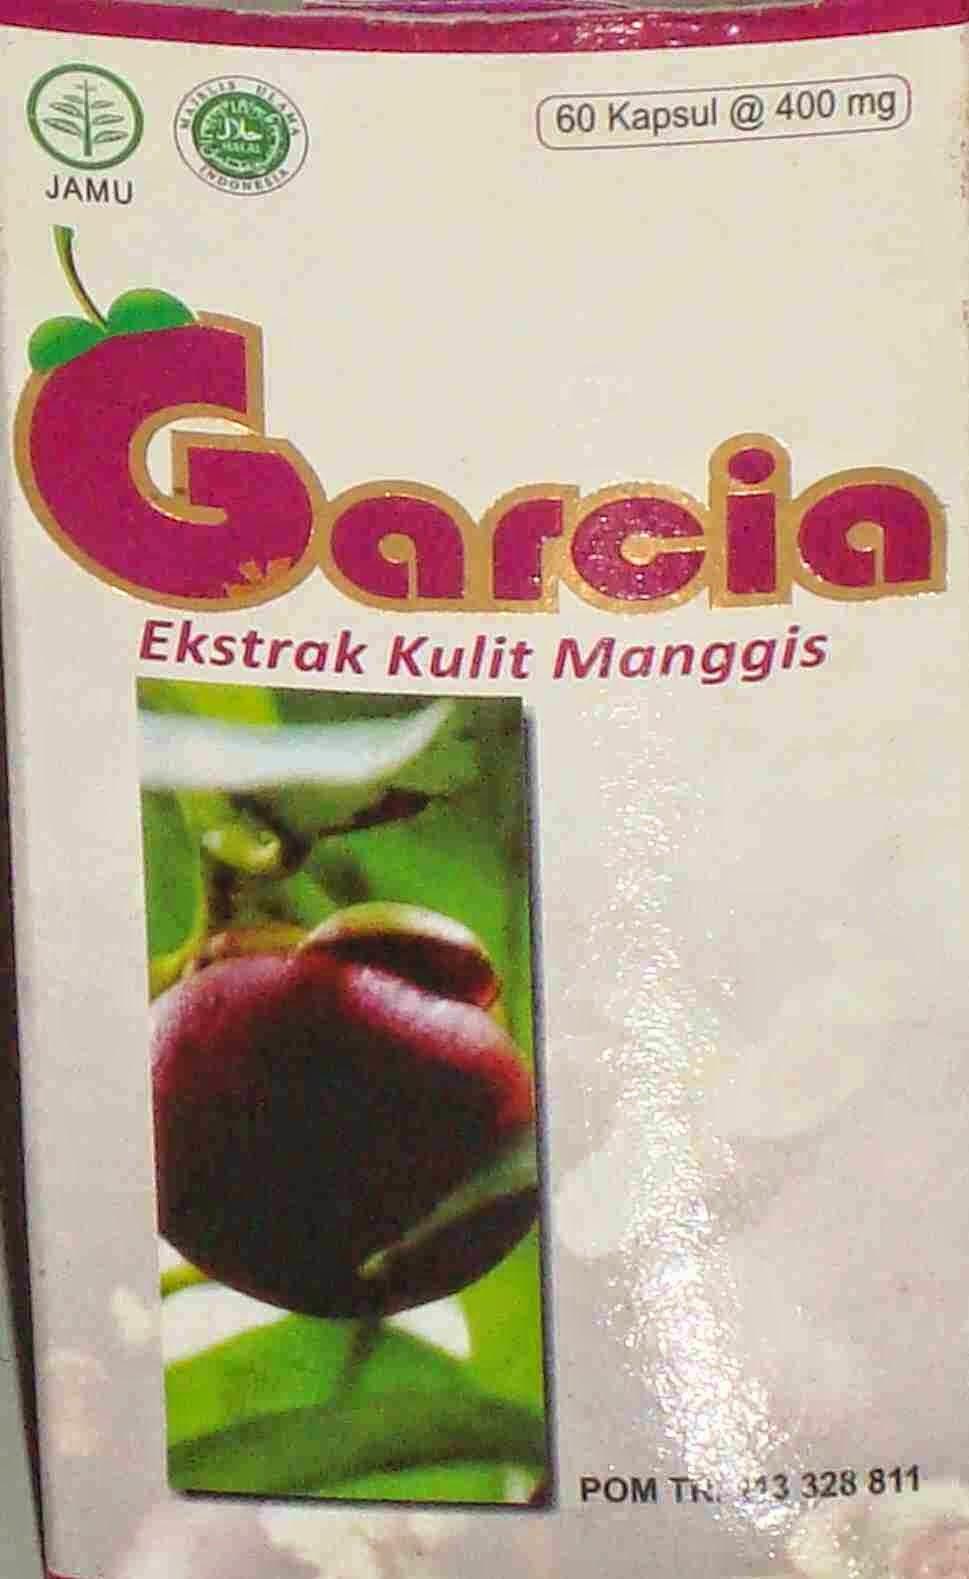 19 Manfaat Dan Kegunaan Garcia Kapsul Ekstrak Kulit Manggis Obat Sakit Ice Capsule Jantung Ratu Segala Buah